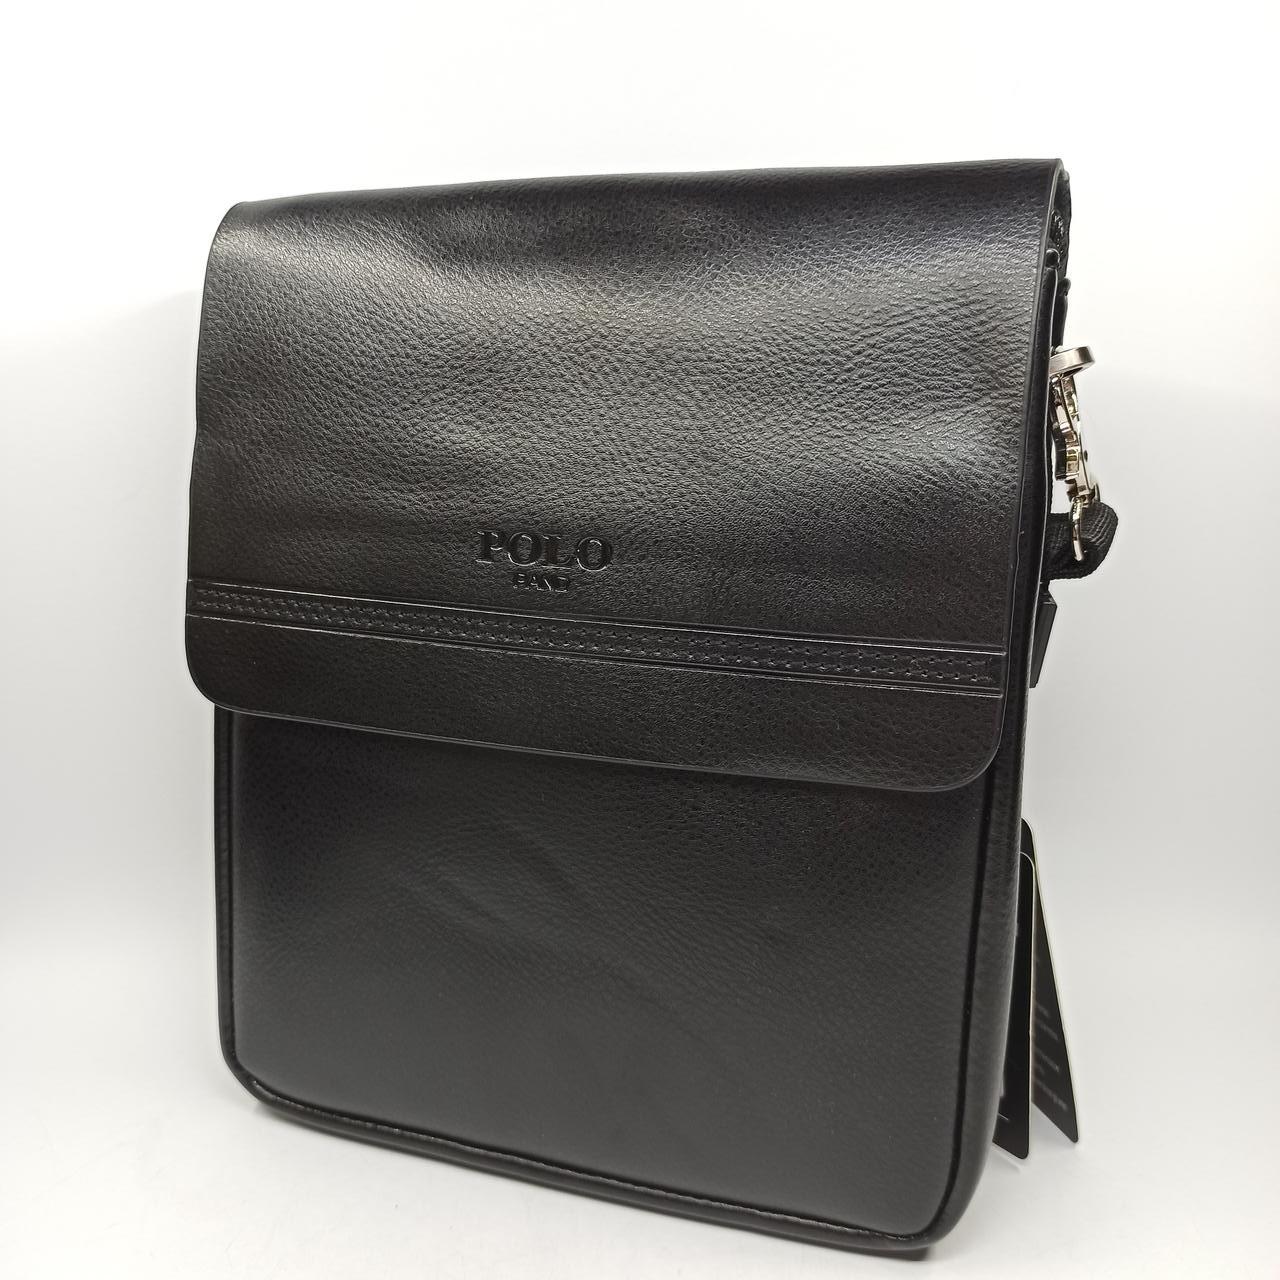 Шкіряна чоловіча сумка через плече / Мужская кожаная сумка через плечо Polo B338-2